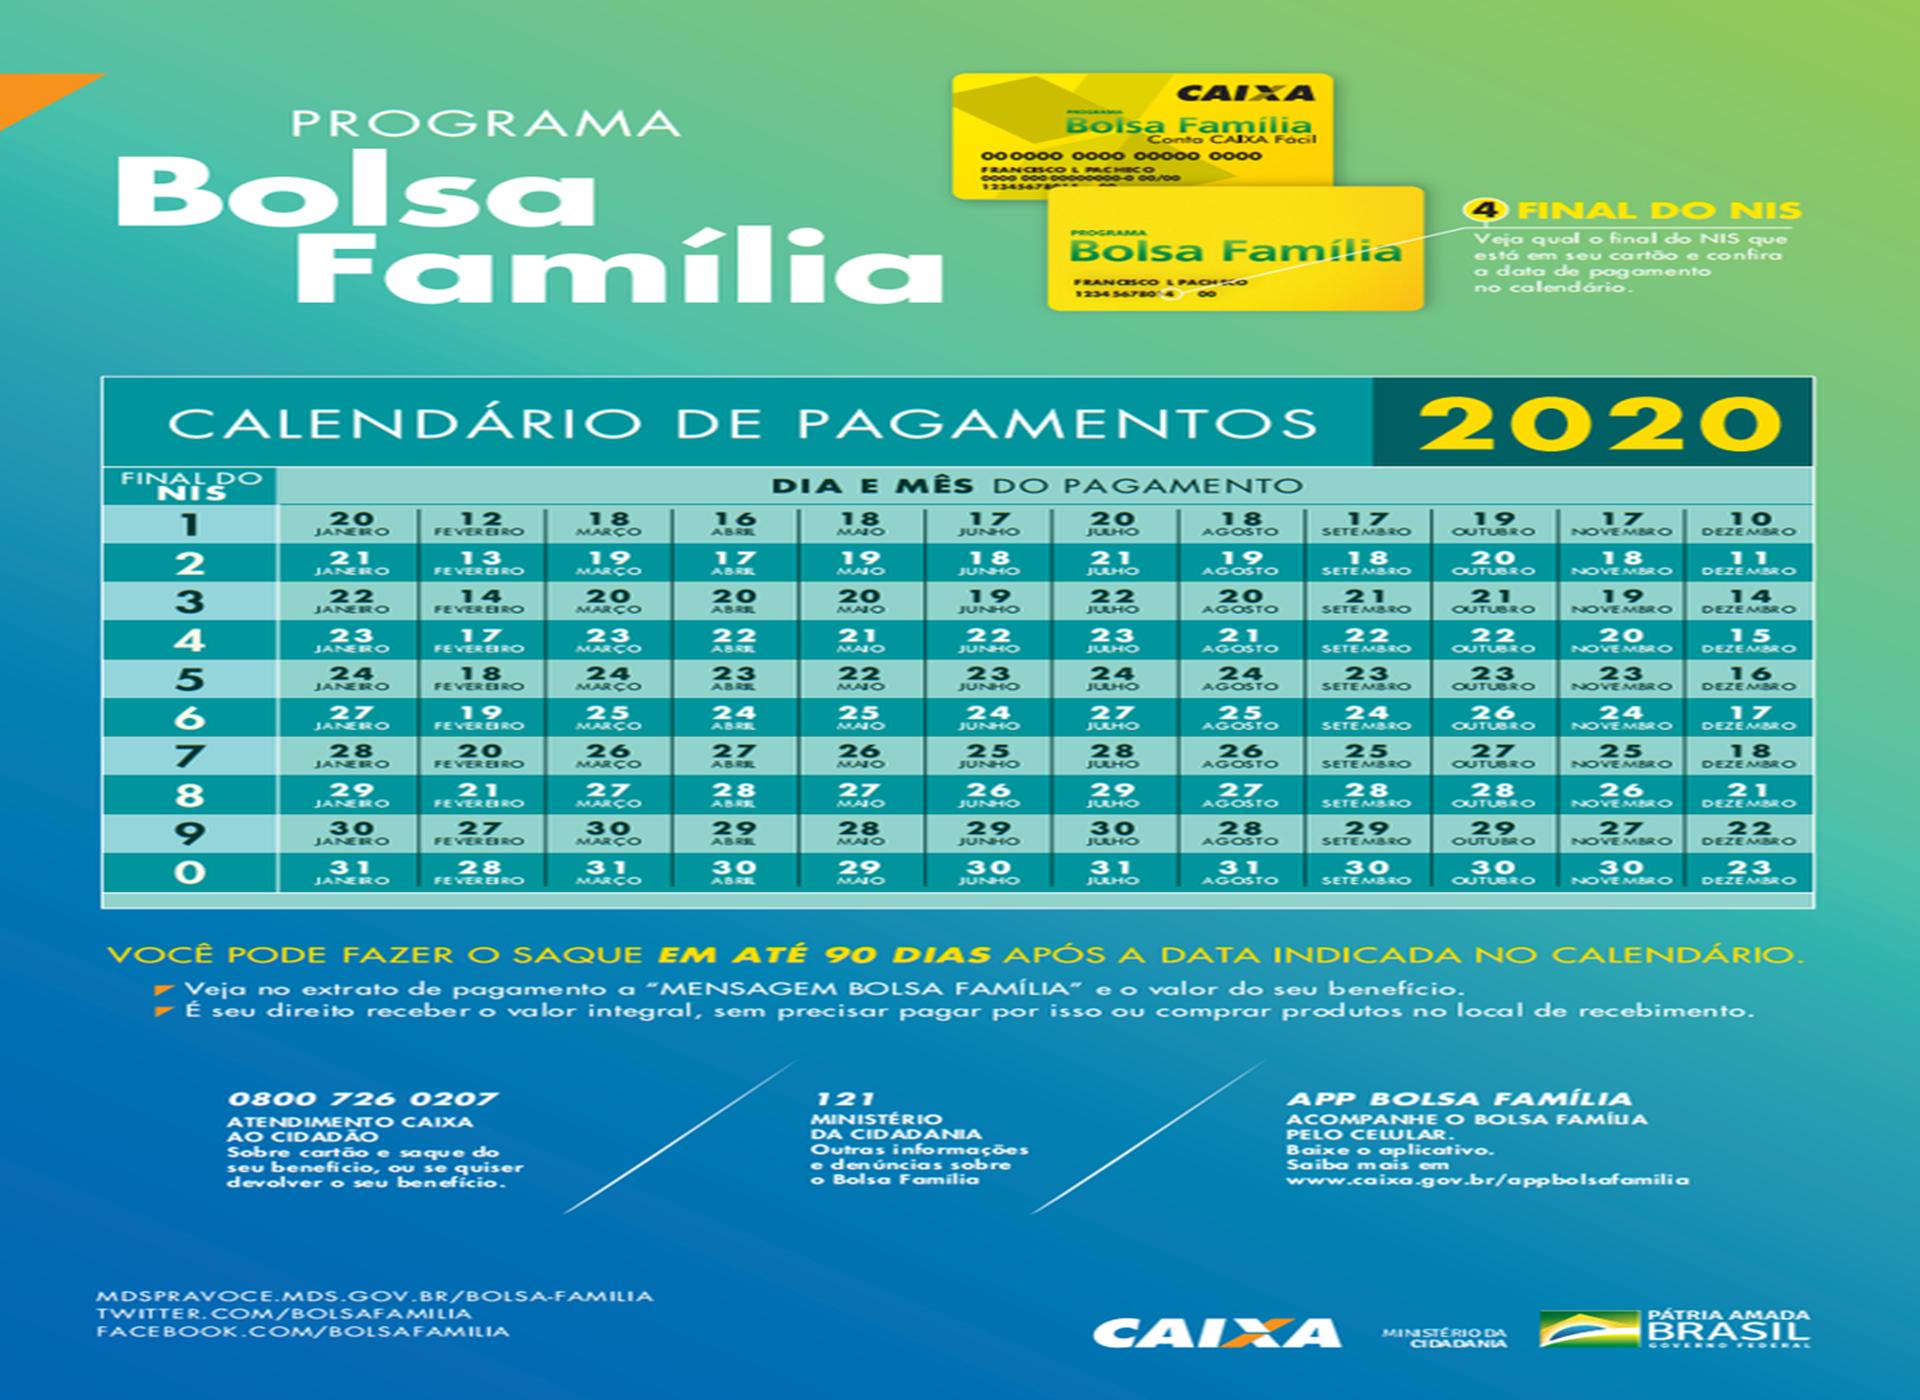 Calendário 2020 do Bolsa Família é divulgado pelo governo – RBJ